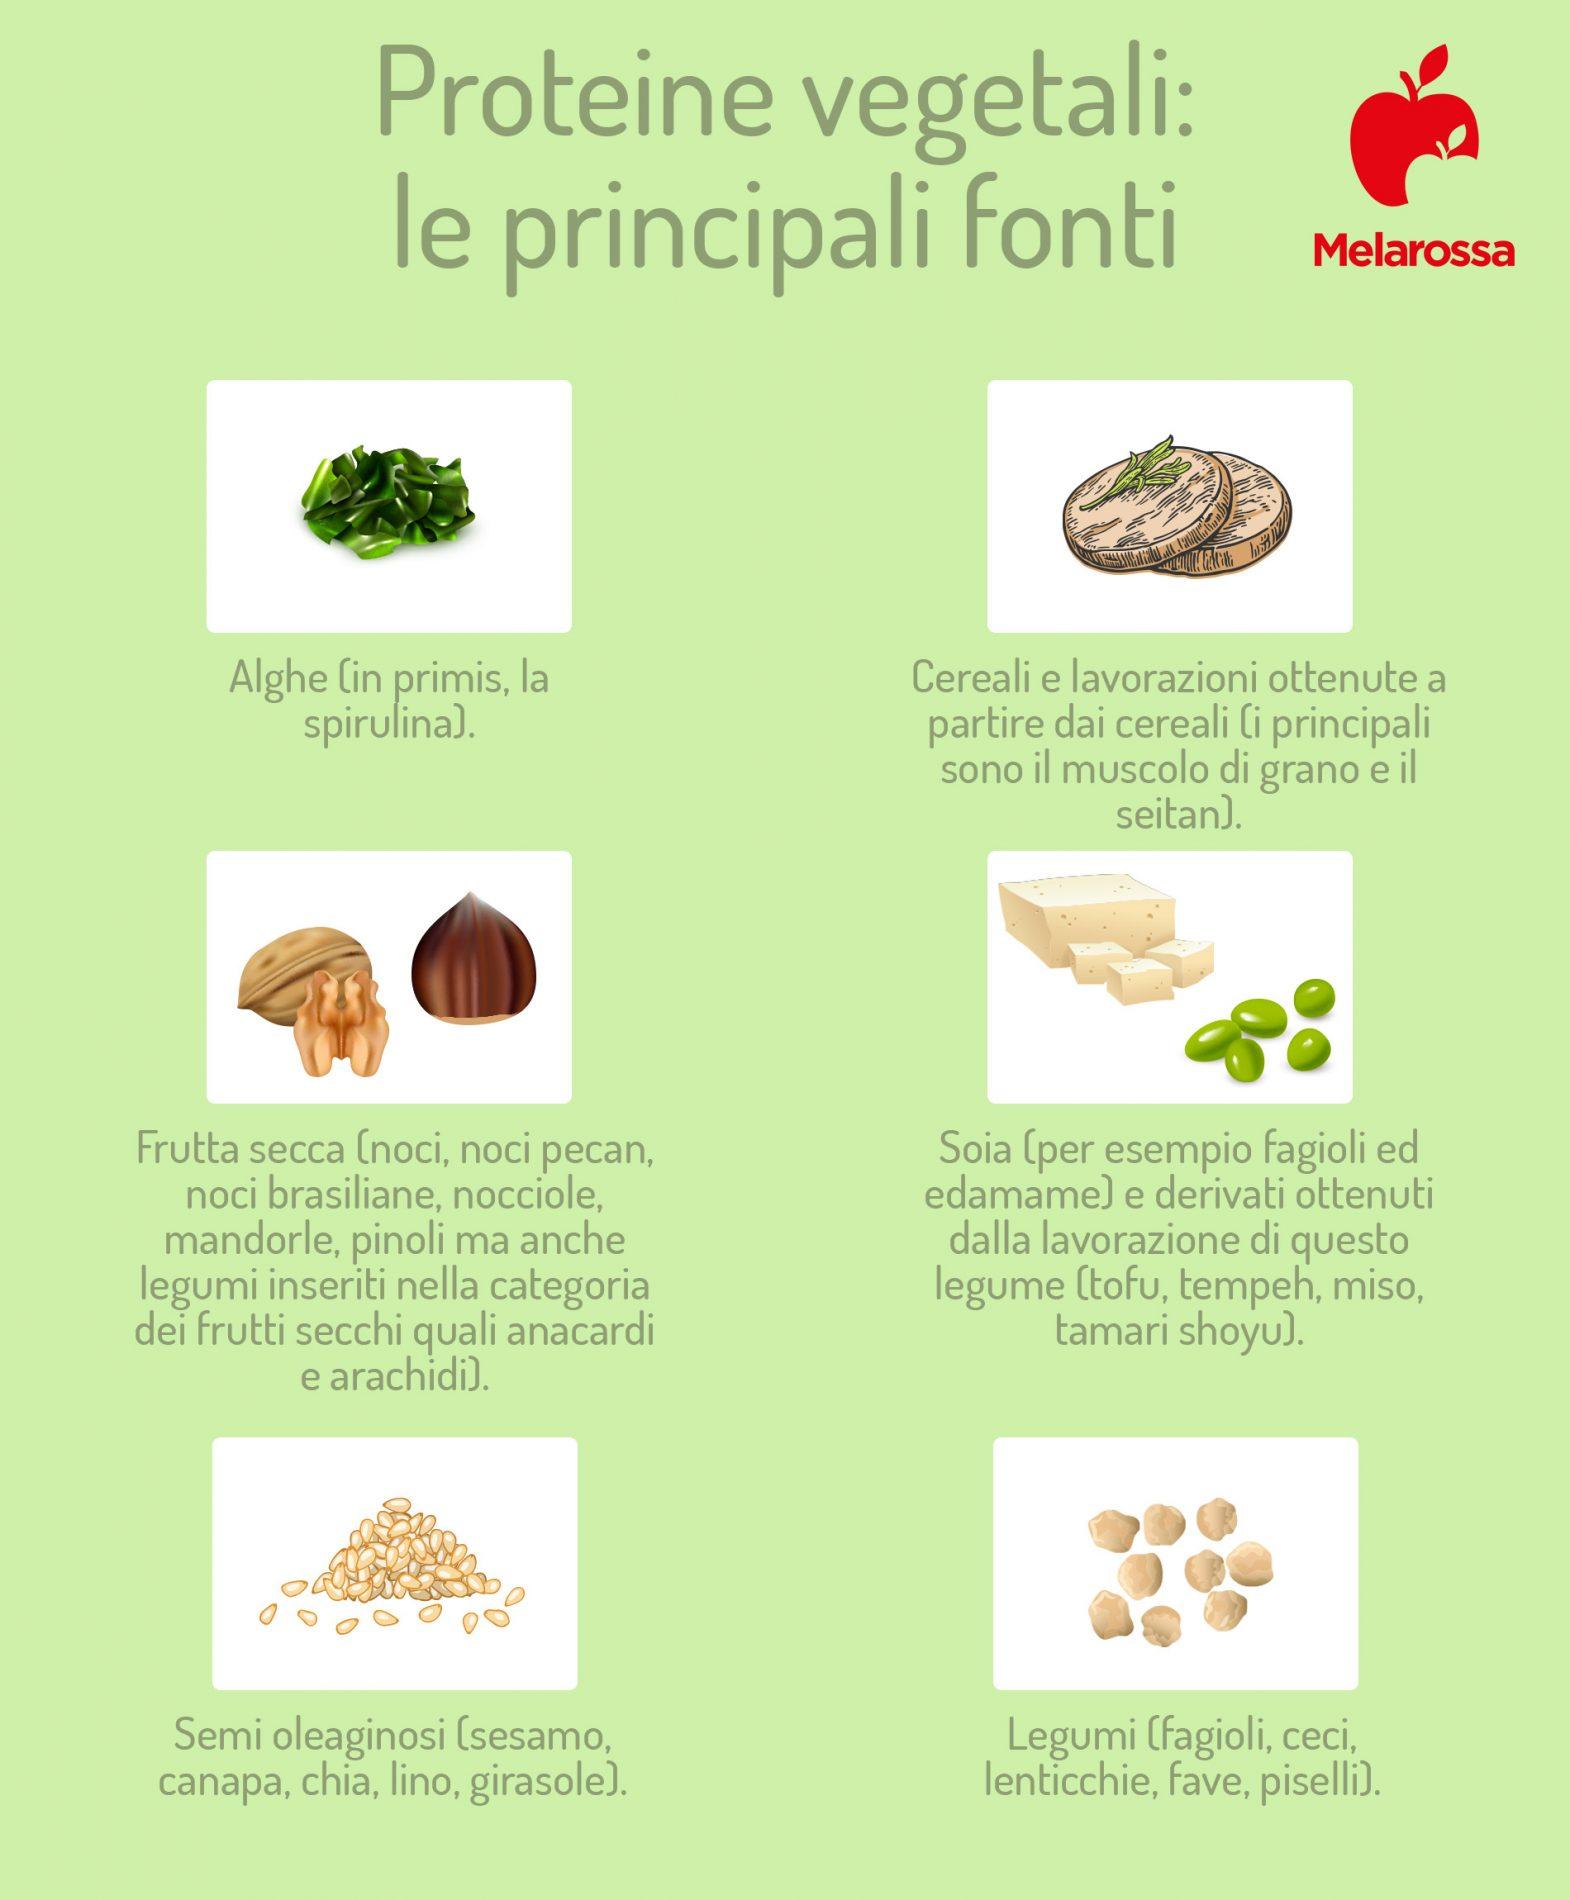 principali fonti di proteine vegetali